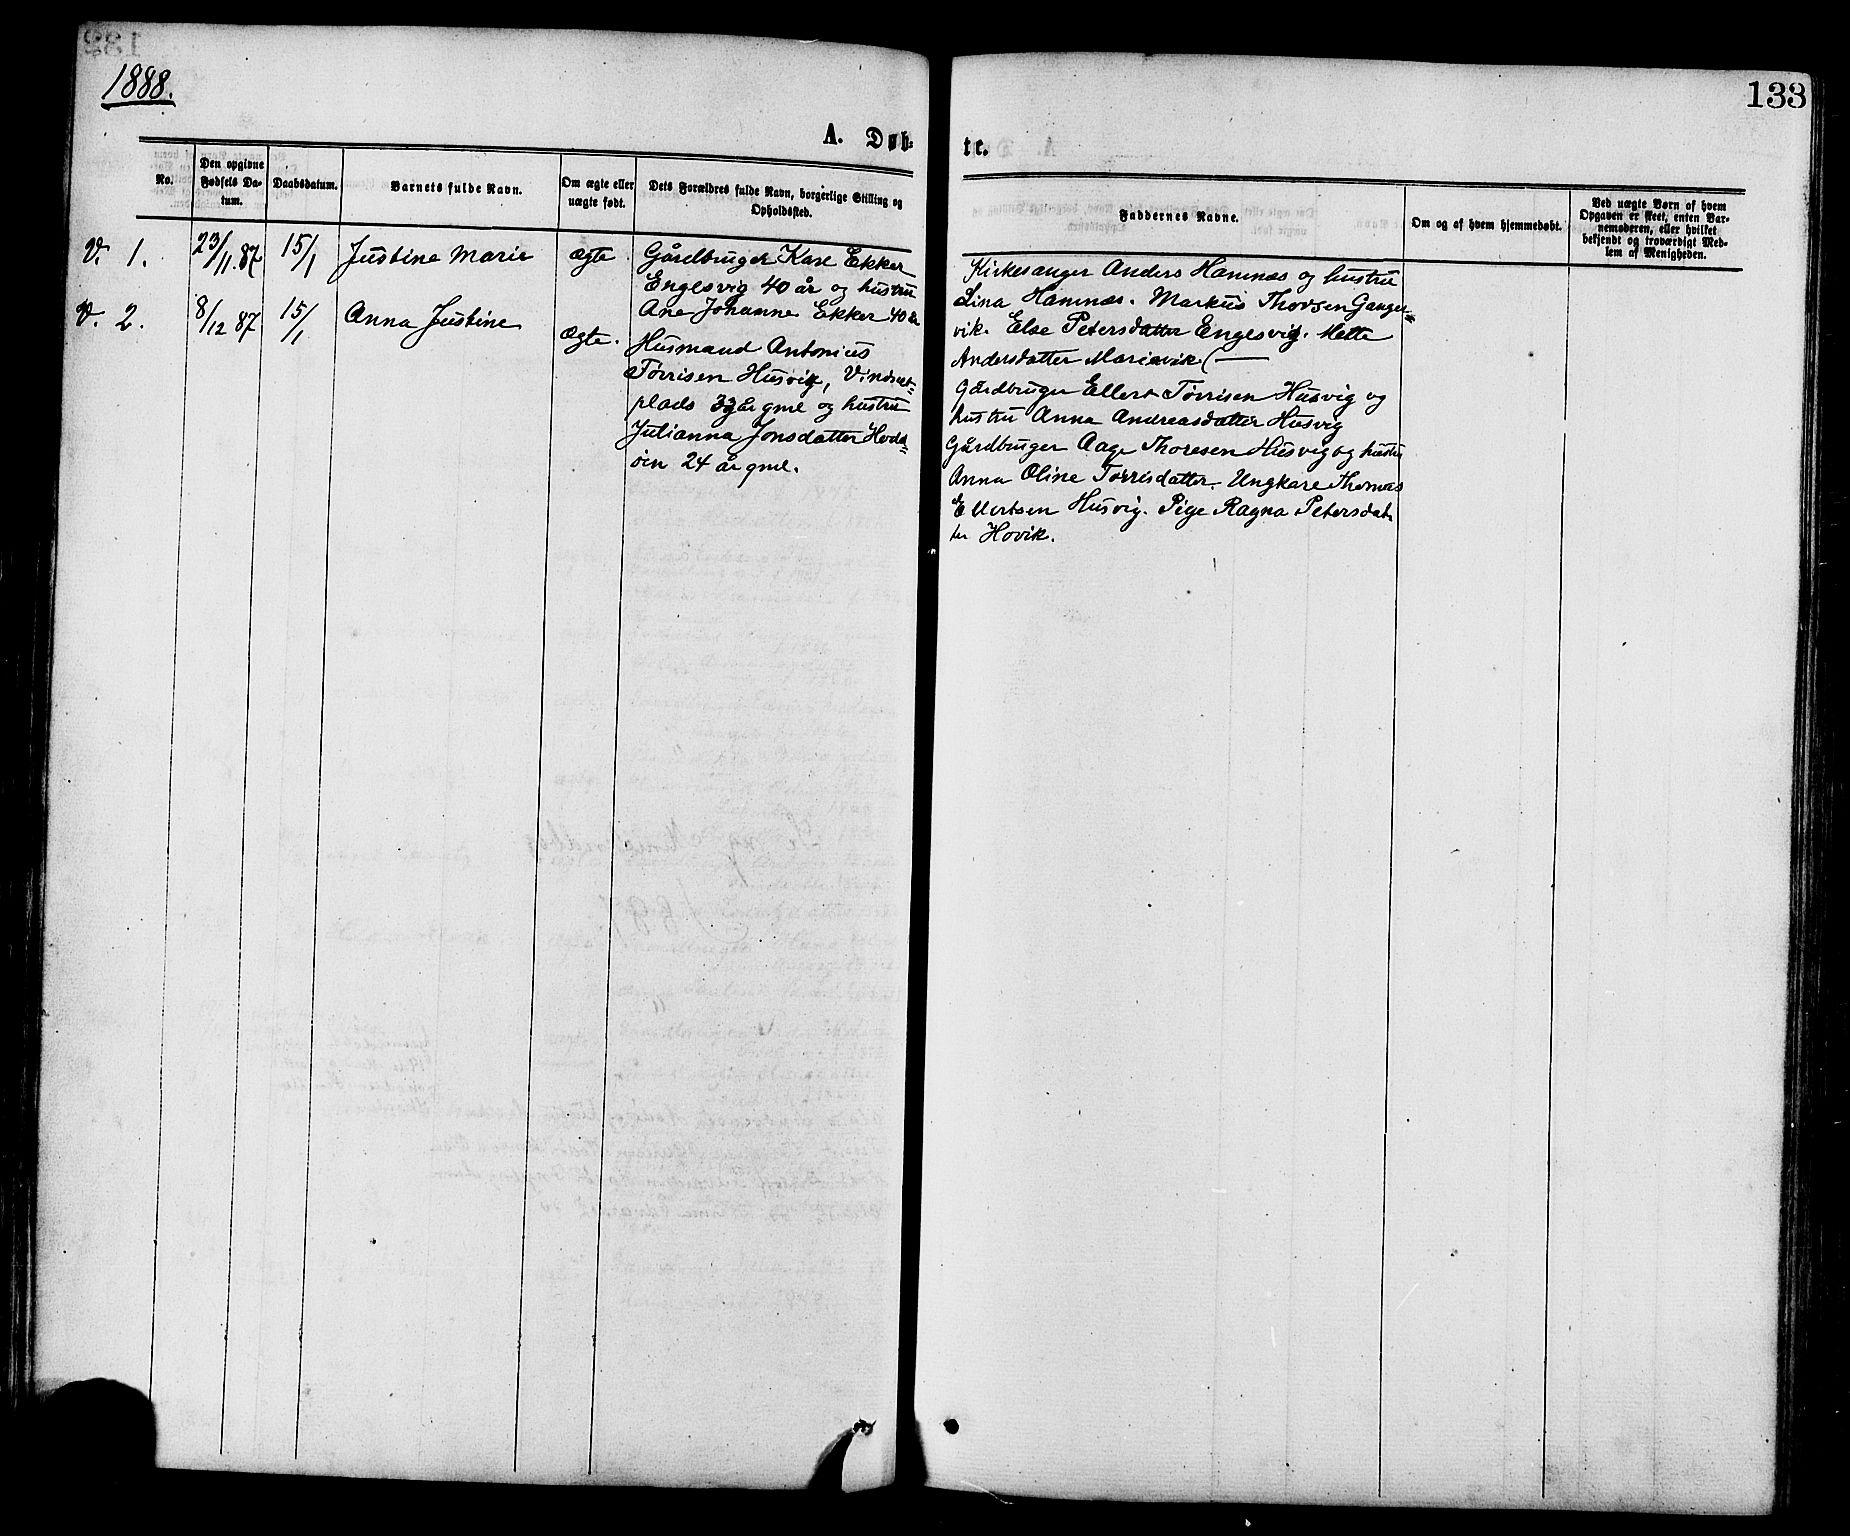 SAT, Ministerialprotokoller, klokkerbøker og fødselsregistre - Nord-Trøndelag, 773/L0616: Ministerialbok nr. 773A07, 1870-1887, s. 133